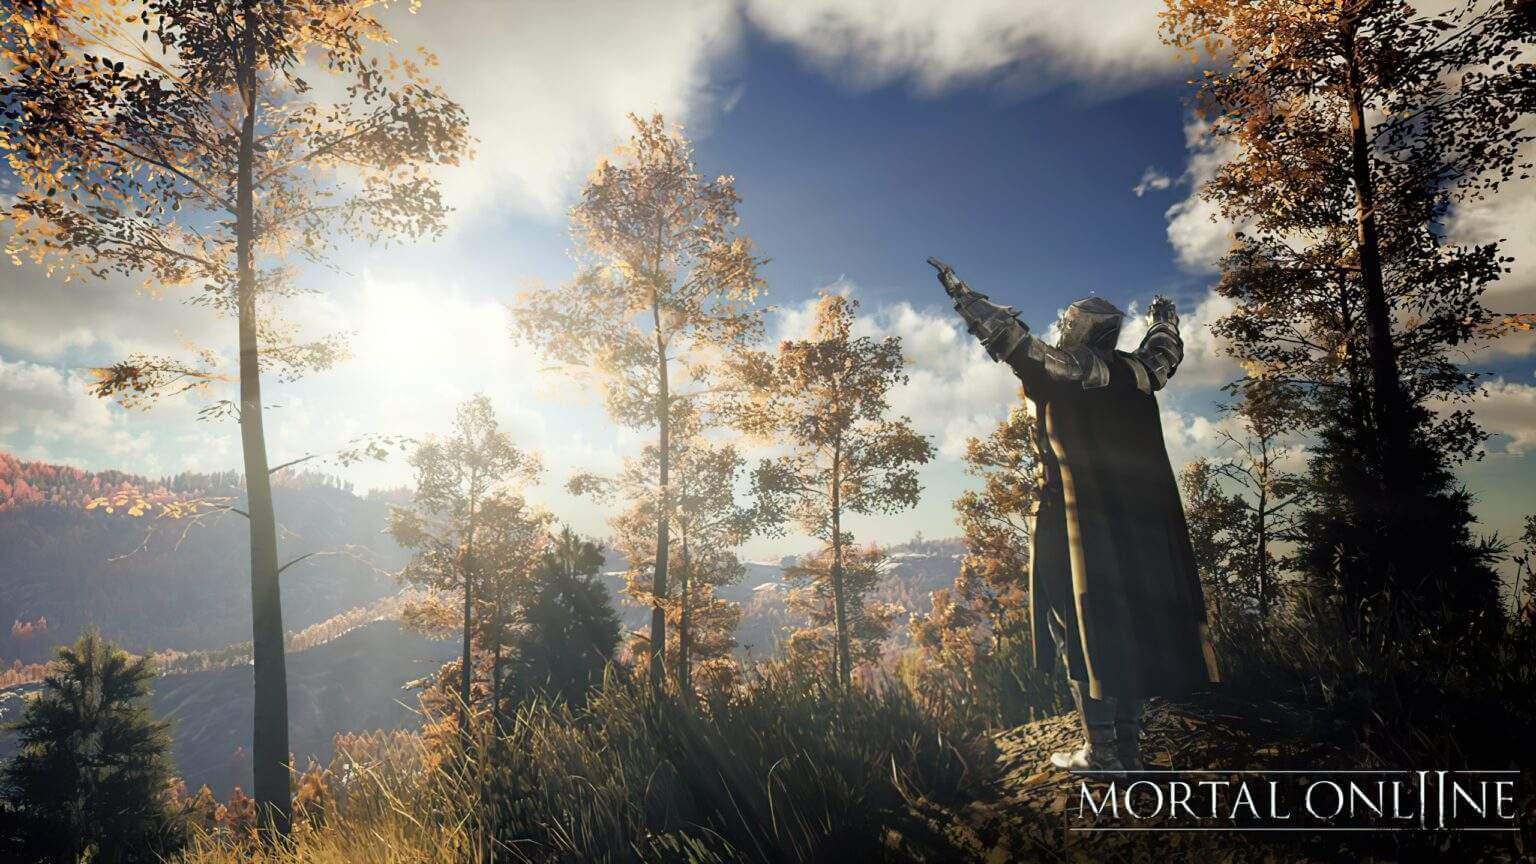 mo2_praise_sun-qhd